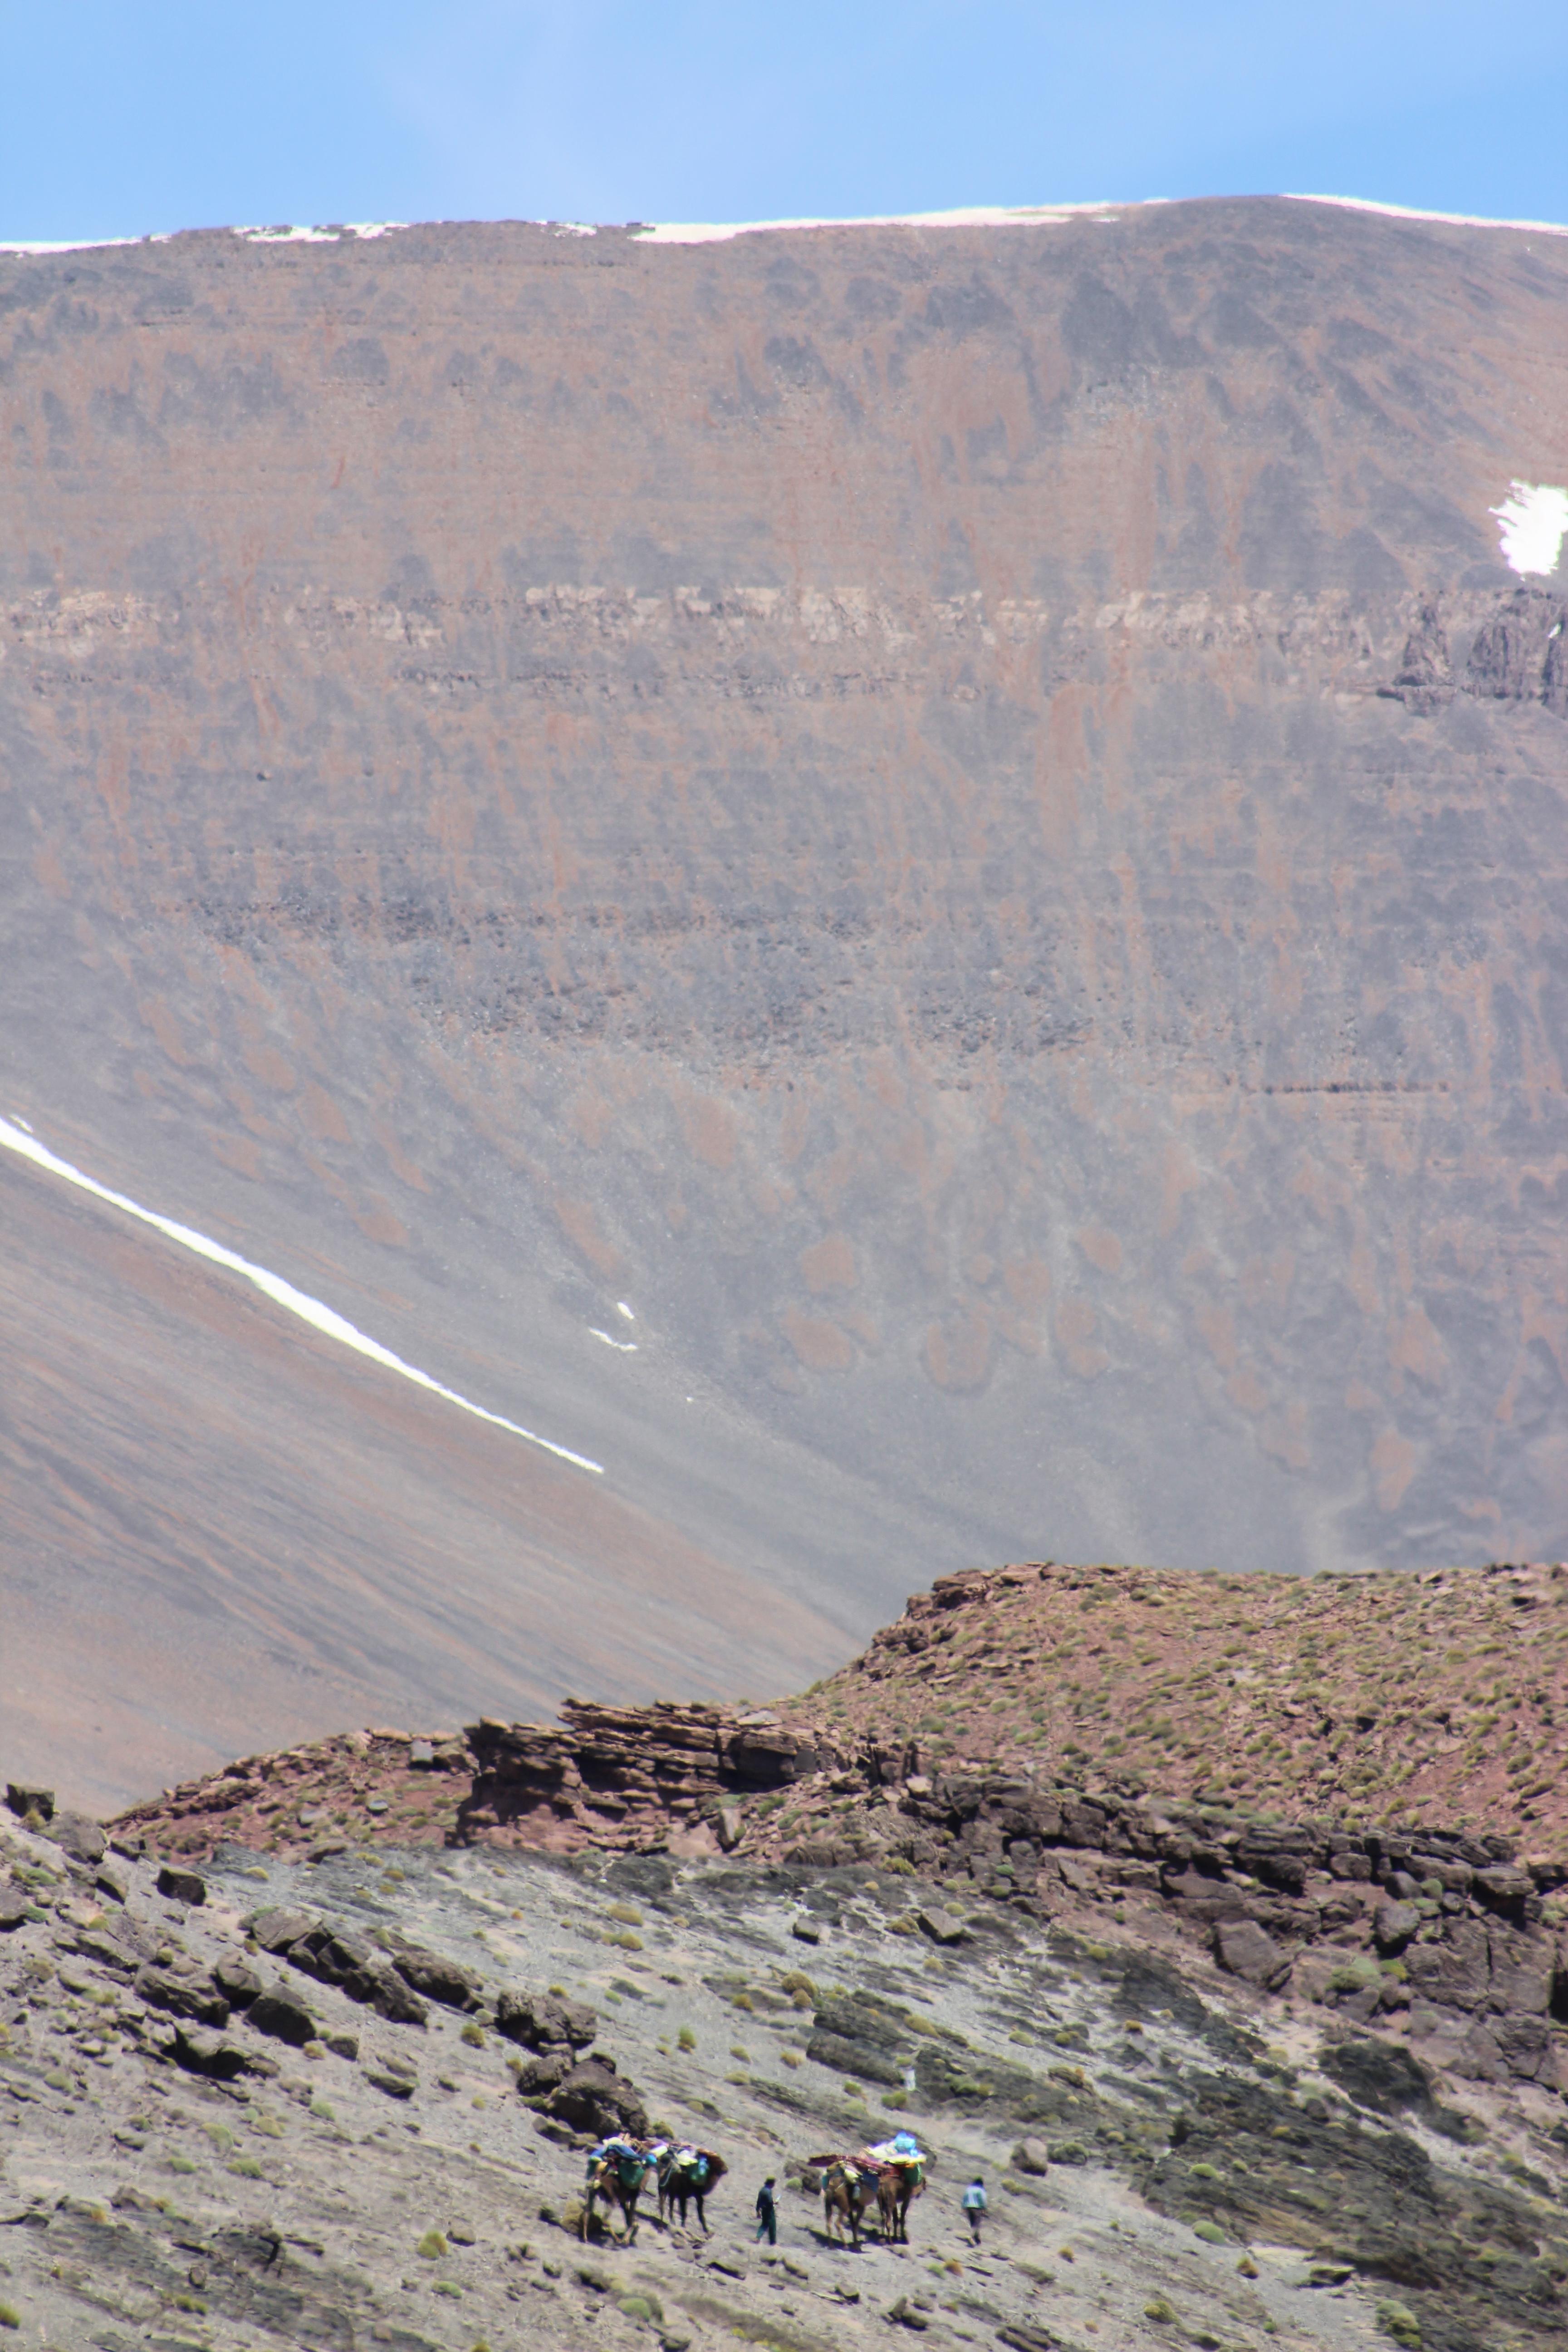 Camel train against a backdrop of Jebel M'goun, High Atlas Mountains, Morocco